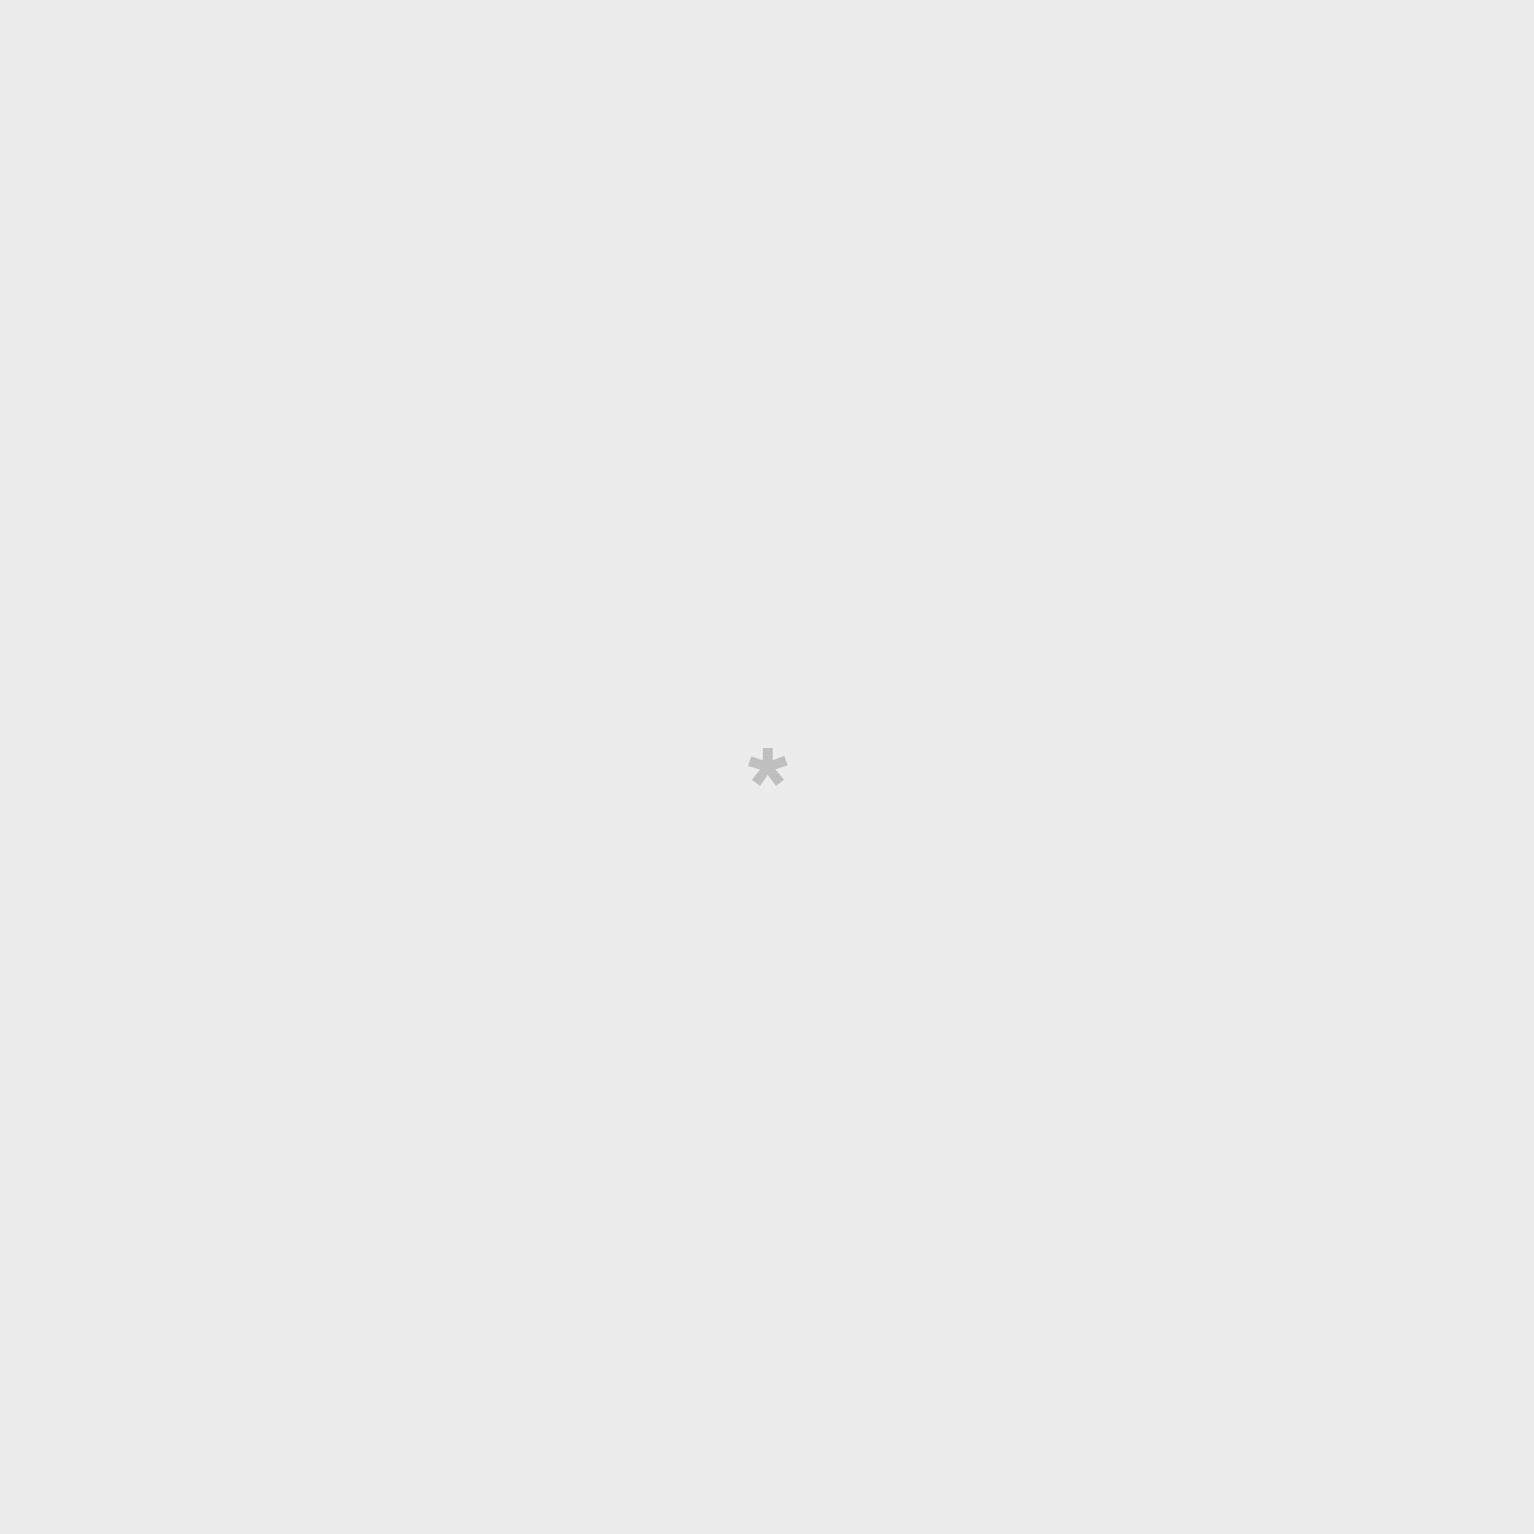 Kit de agenda clássica 2021-2022 diária - Todas as coisas boas que me esperam